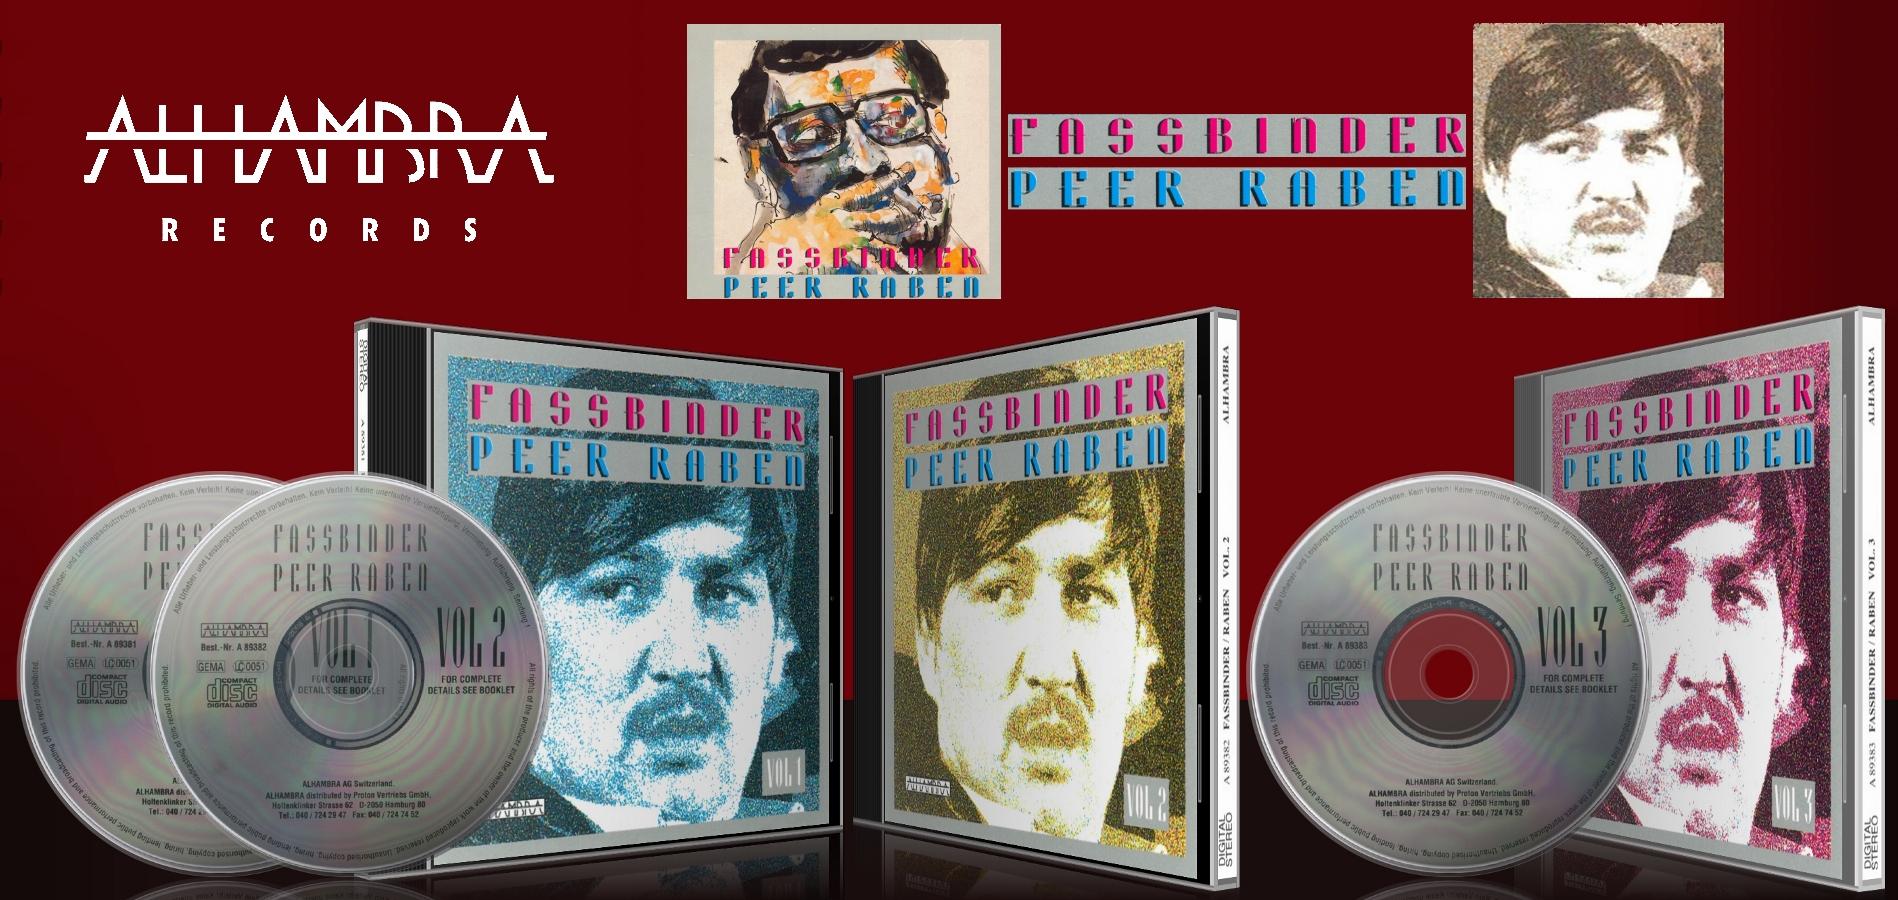 Fassbinder – Peer Raben (3-CD-Set)